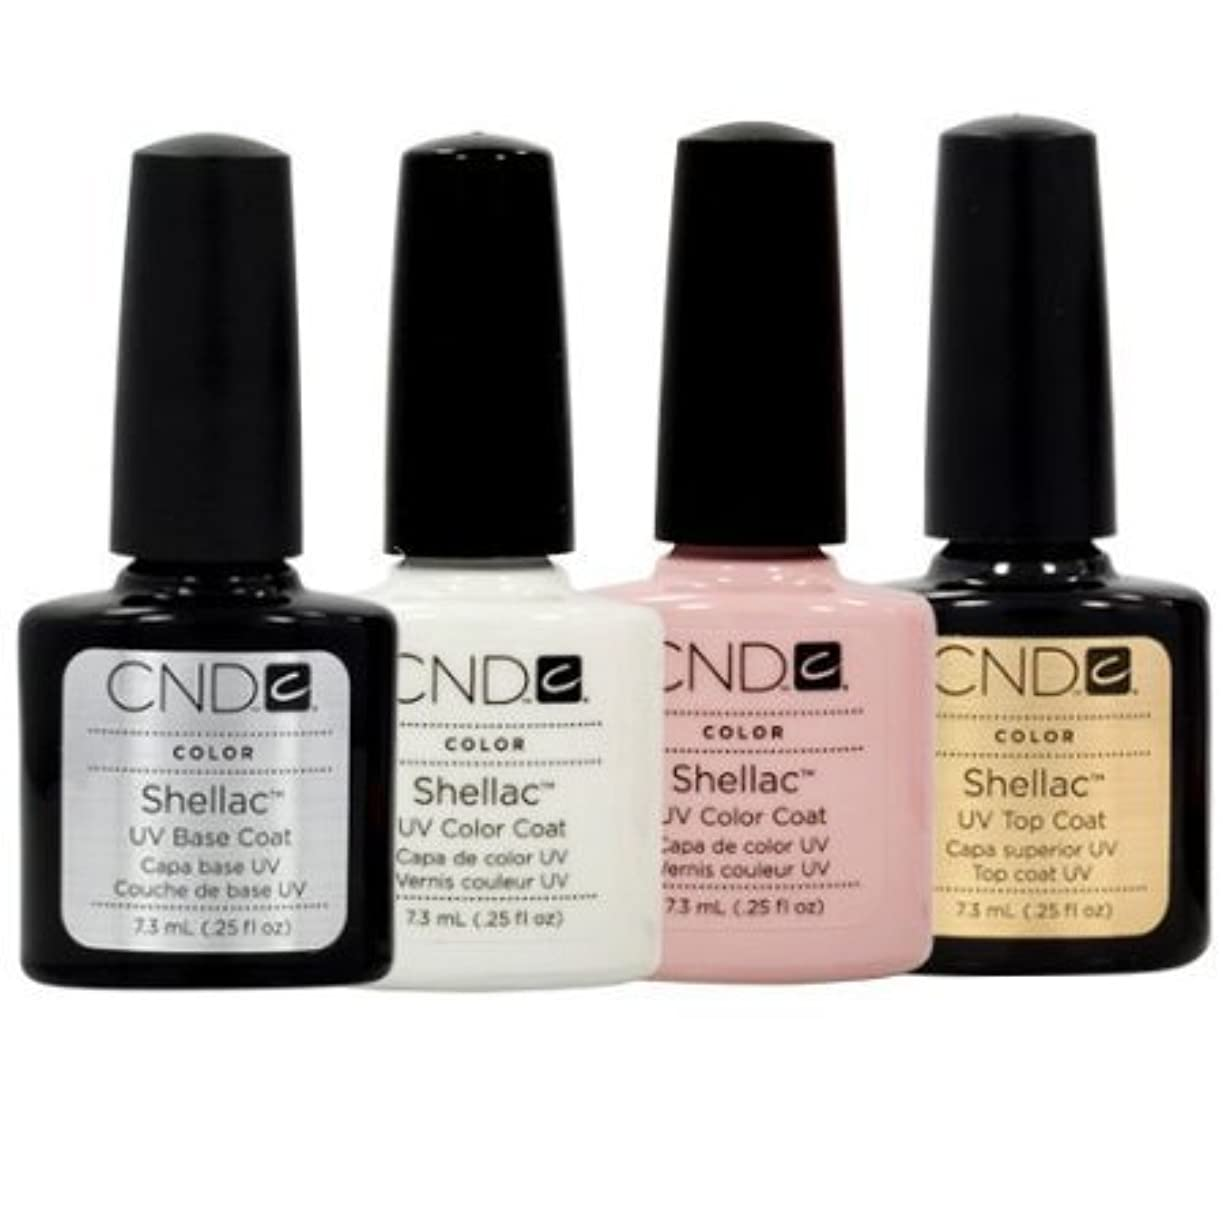 パーフェルビッド遠足キュービックCND Shellac French Manicure Kit Base Top Coat Color White Pink Nail Polish Gel by CND - Creative Nail Design [...